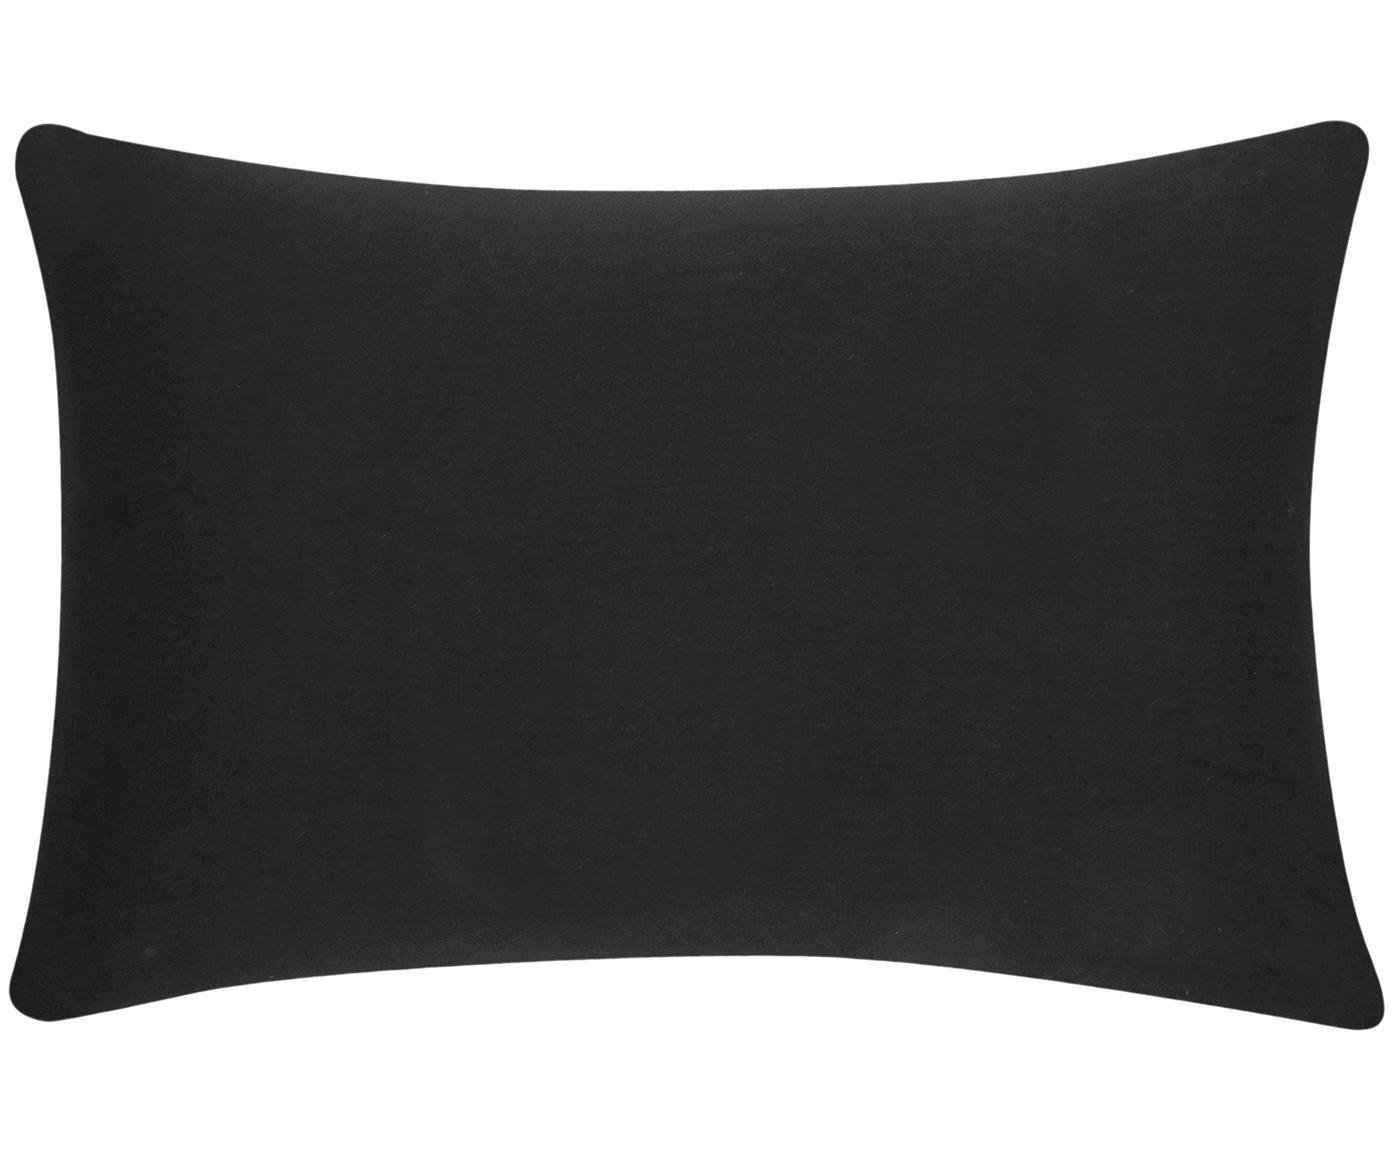 Poszewka na poduszkę z bawełny Mads, Bawełna, Czarny, S 30 x D 50 cm